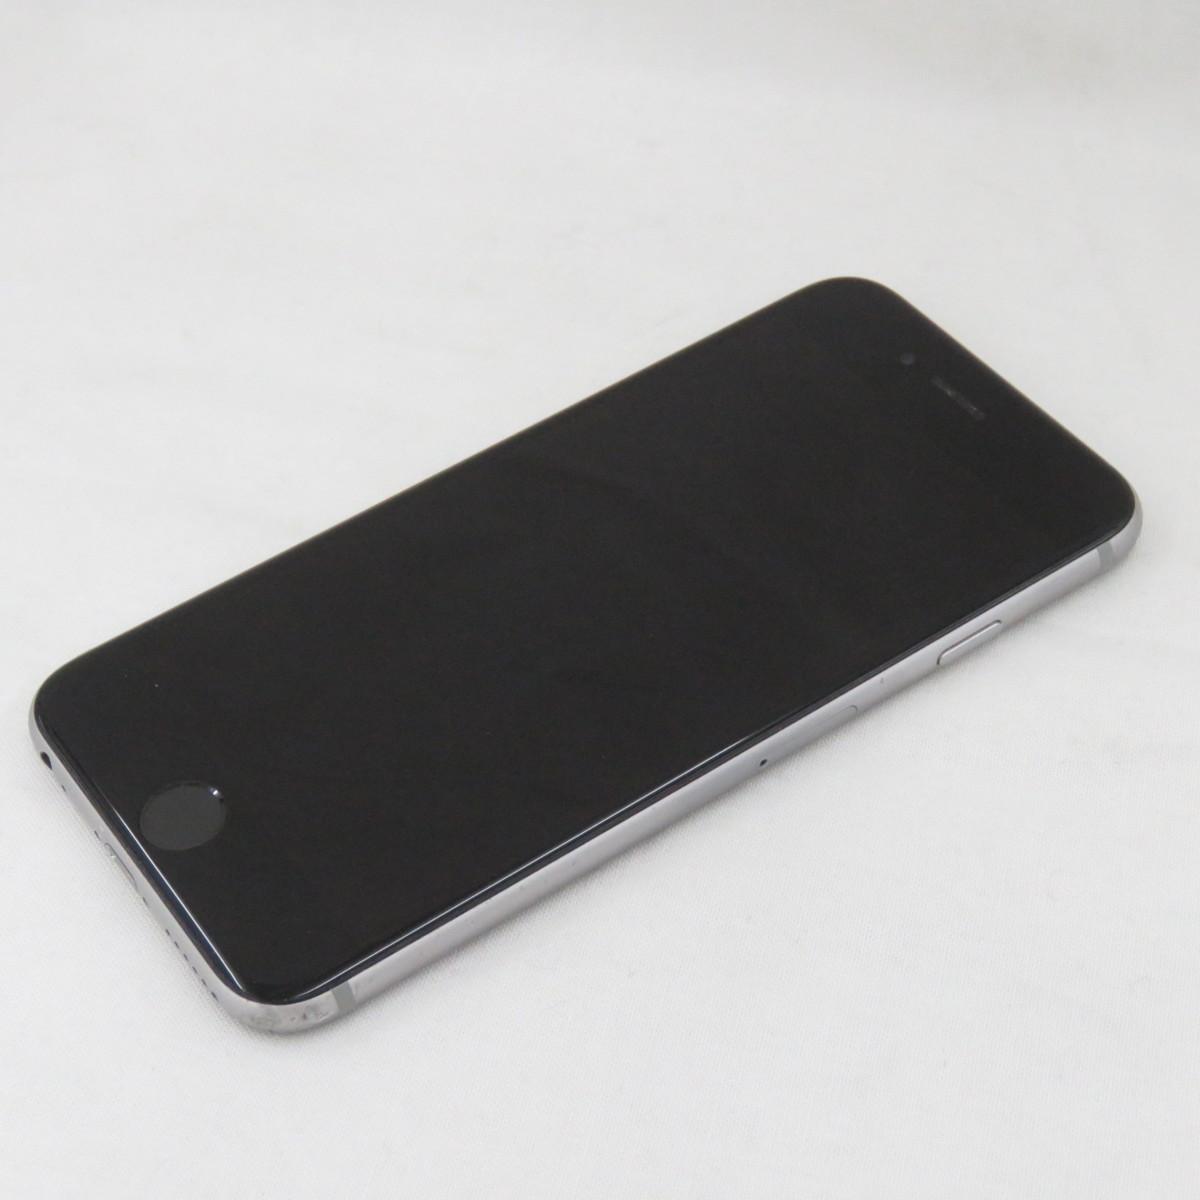 1円~【中古品】docomo ドコモ スマートフォン Apple iPhone 6S 64GB MKQN2J/A スペースグレイ 判定○ ※SIMロック解除済み 10722791